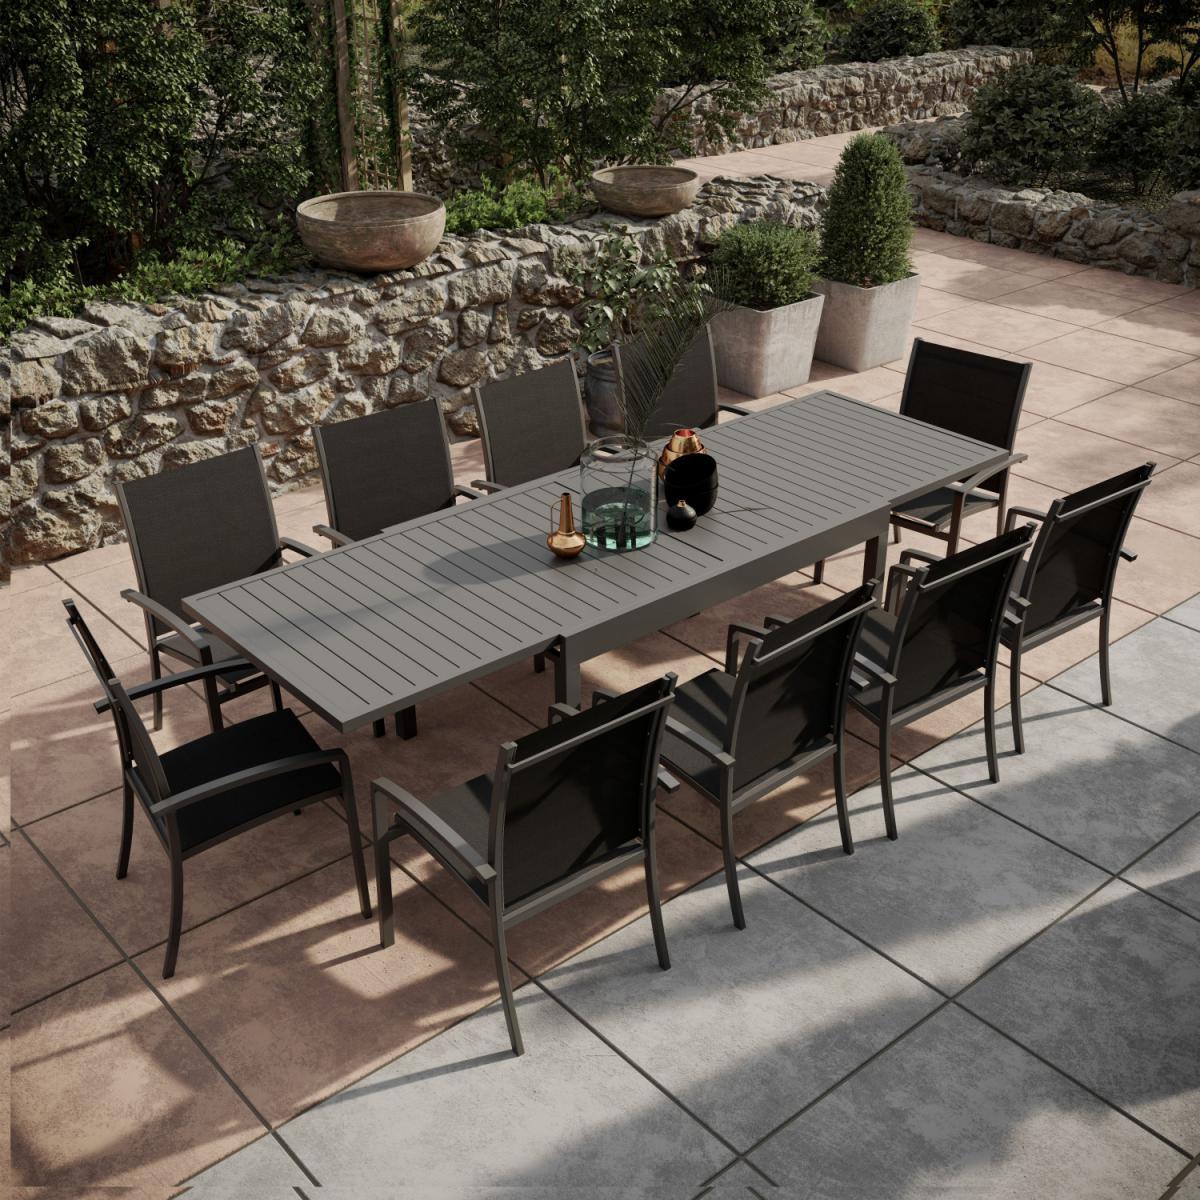 Avril Paris Table de jardin extensible aluminium 135/270cm + 10 Fauteuils empilables textilène Gris Anthracite - ANDRA